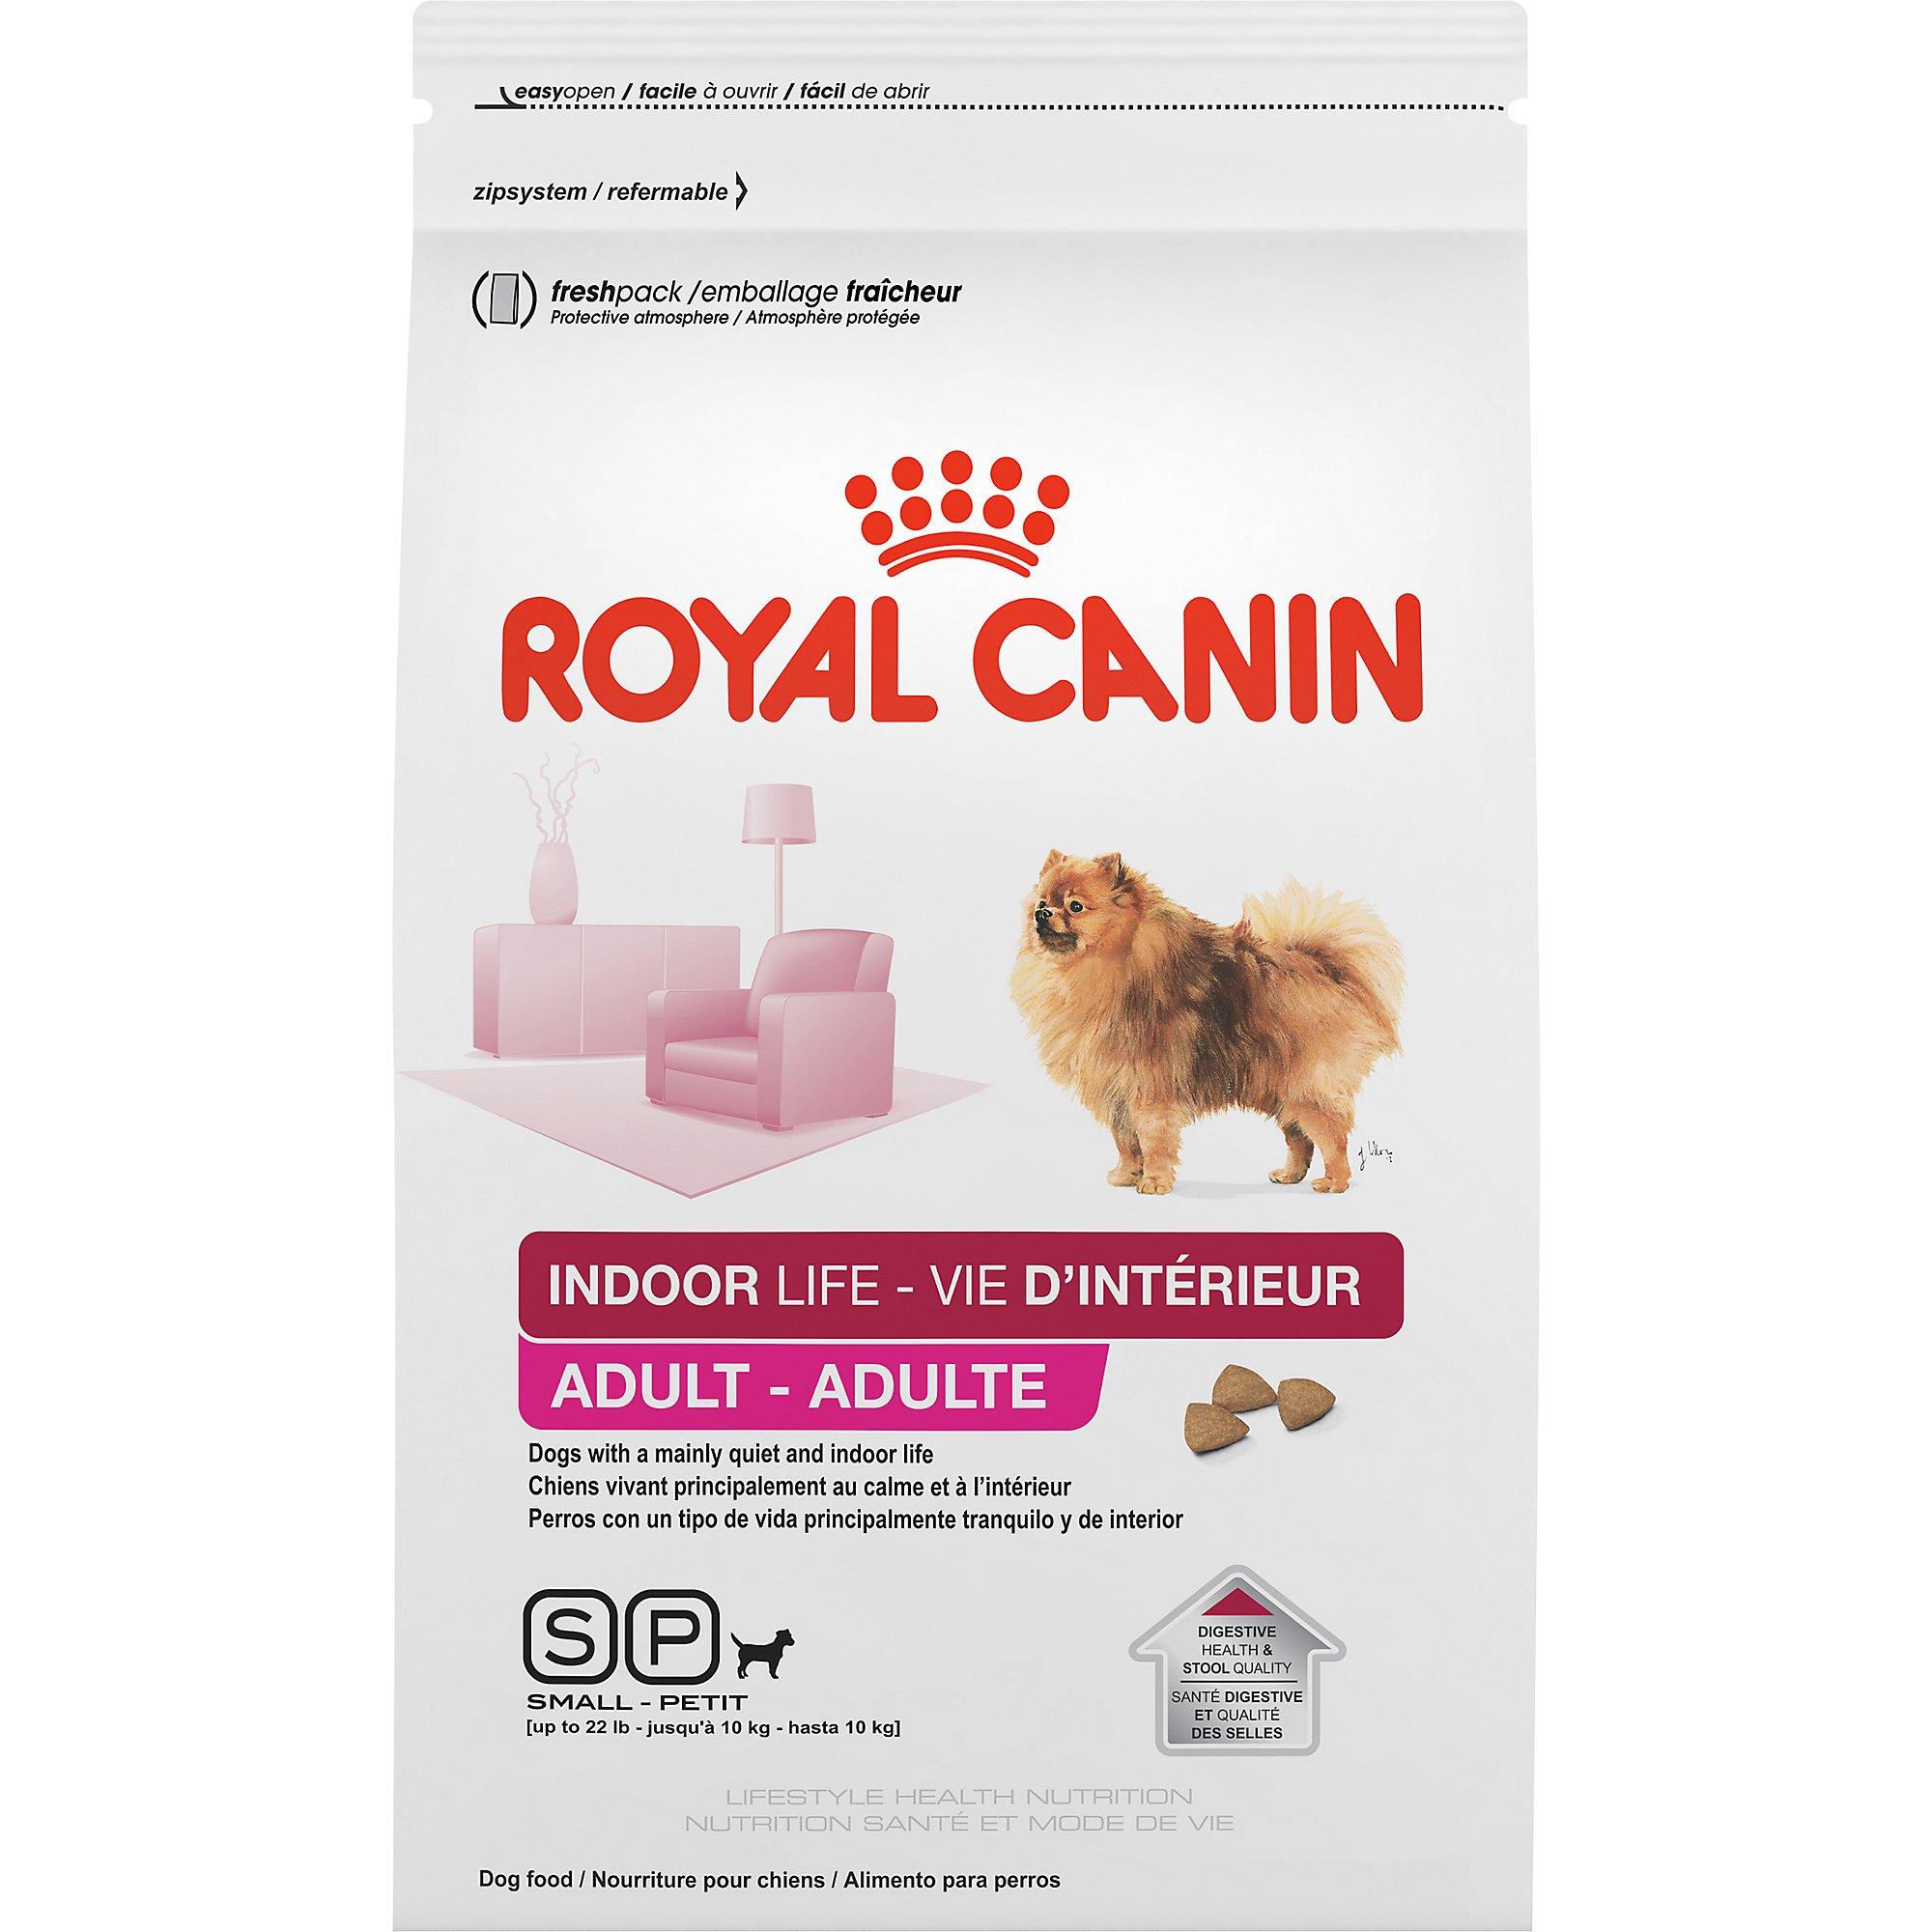 royal canin indoor life